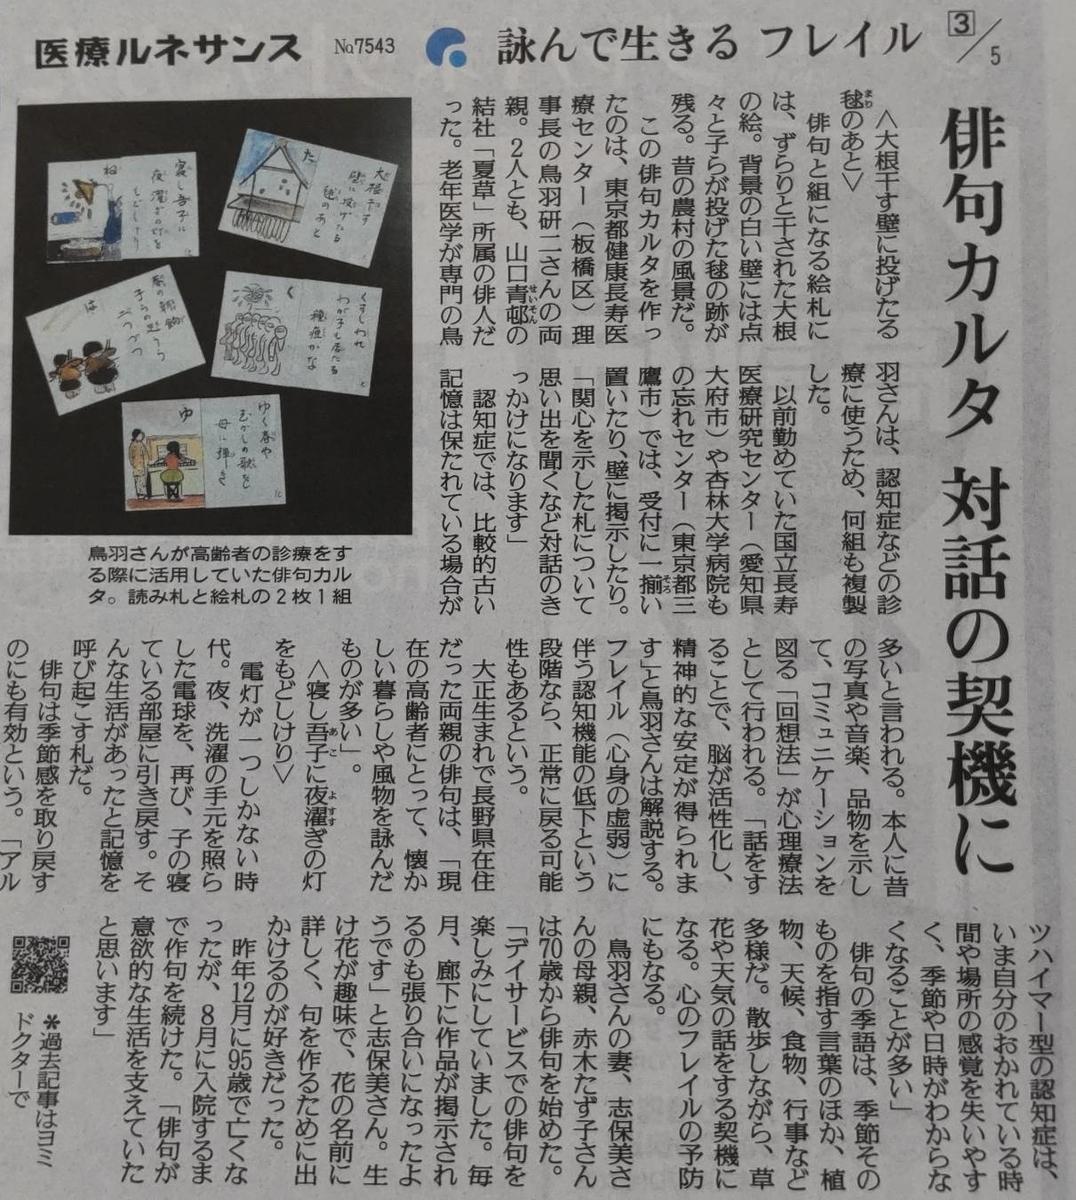 f:id:kazura-kobayashi:20210621135046j:plain